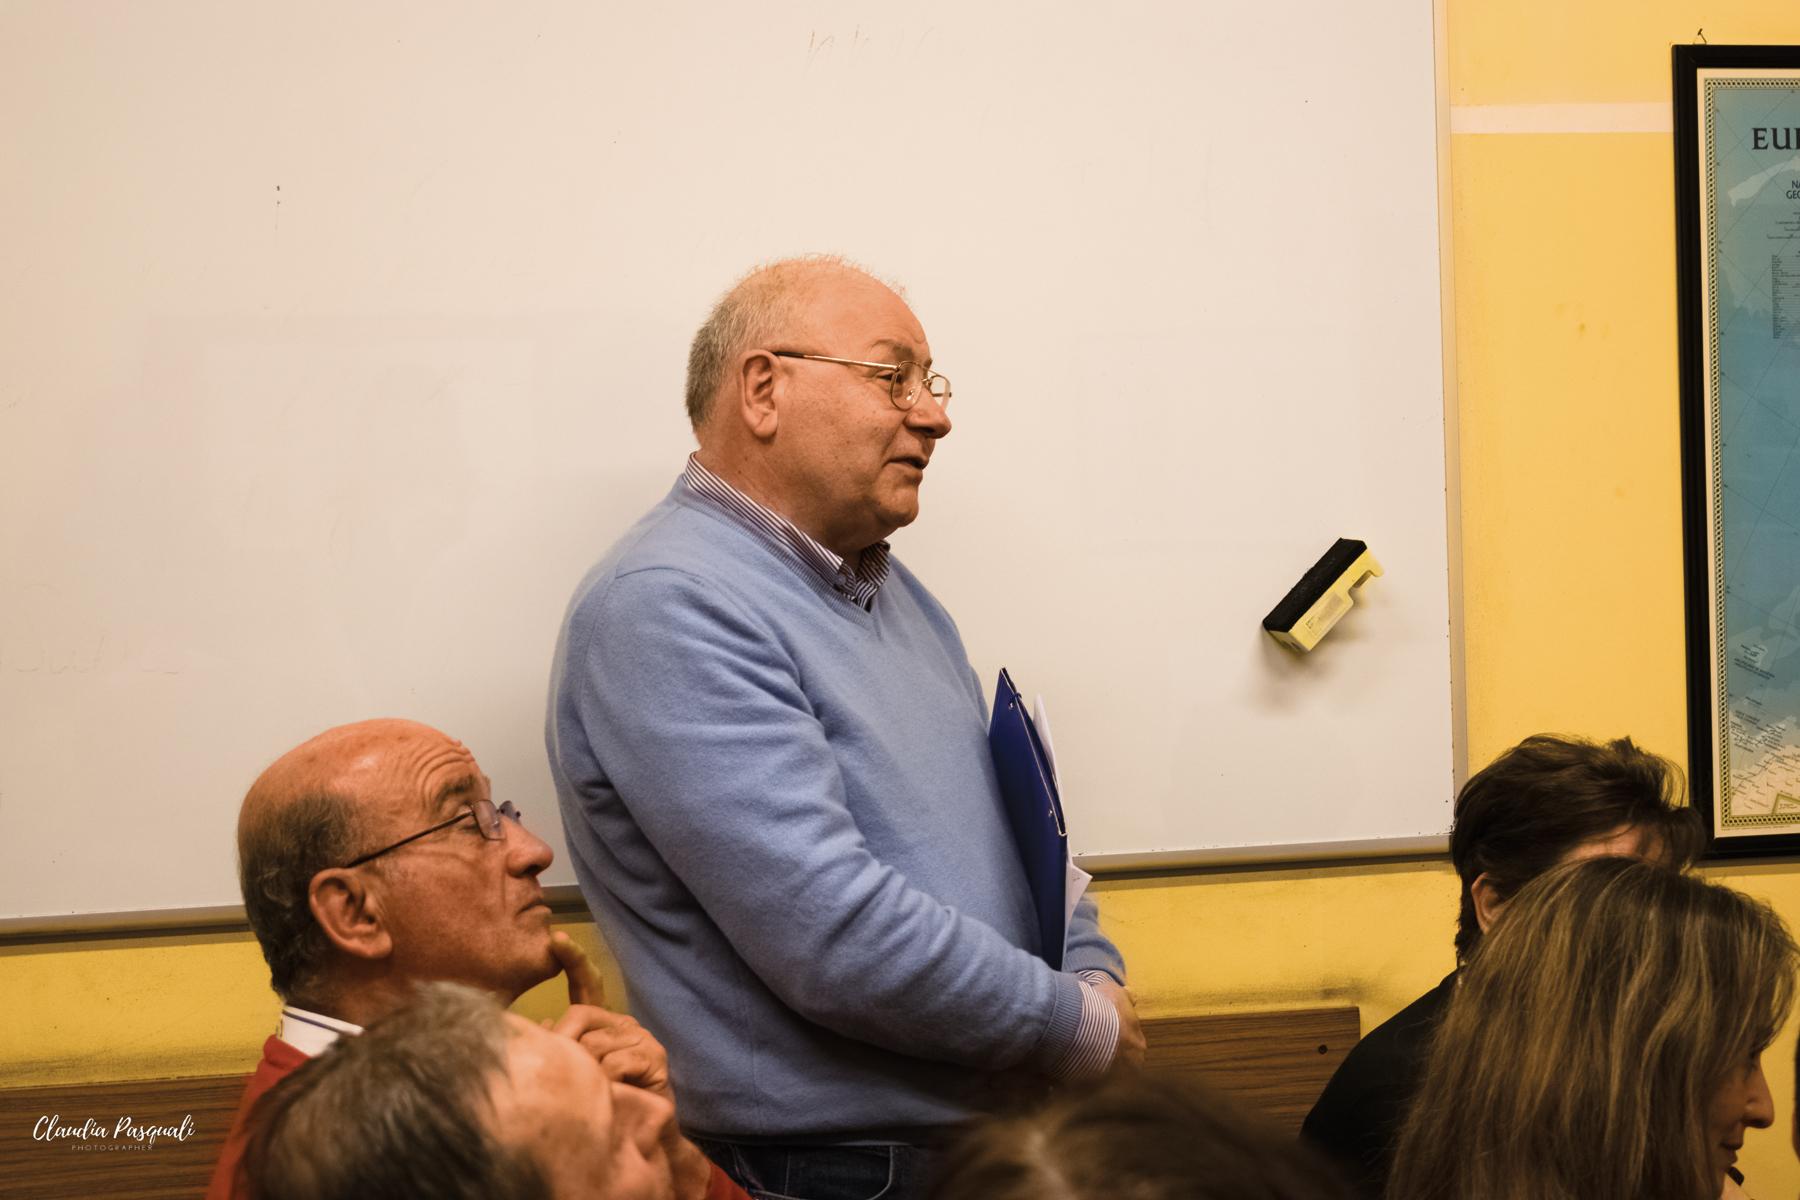 Presentazione del libro Transiberiana di Vittorio Russo. L'intervento di Carlo Fredduzzi, preside dell'Ist. di Cultura e Lingua russa che ha ospitato la presentazione